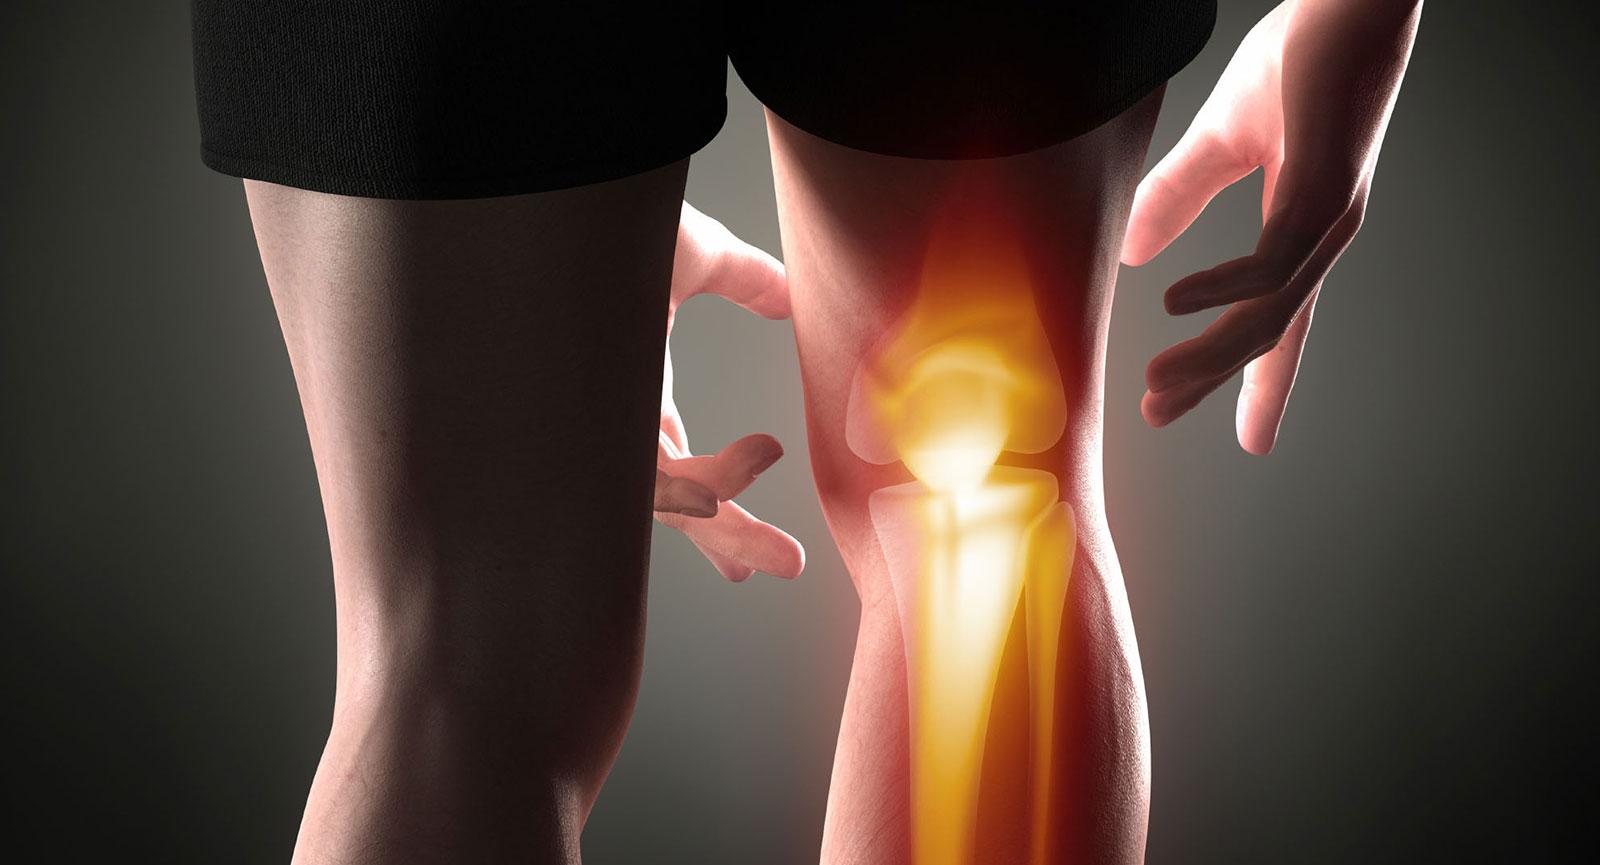 Fájdalom - az első figyelmeztető jel! - Egészséges ízületek